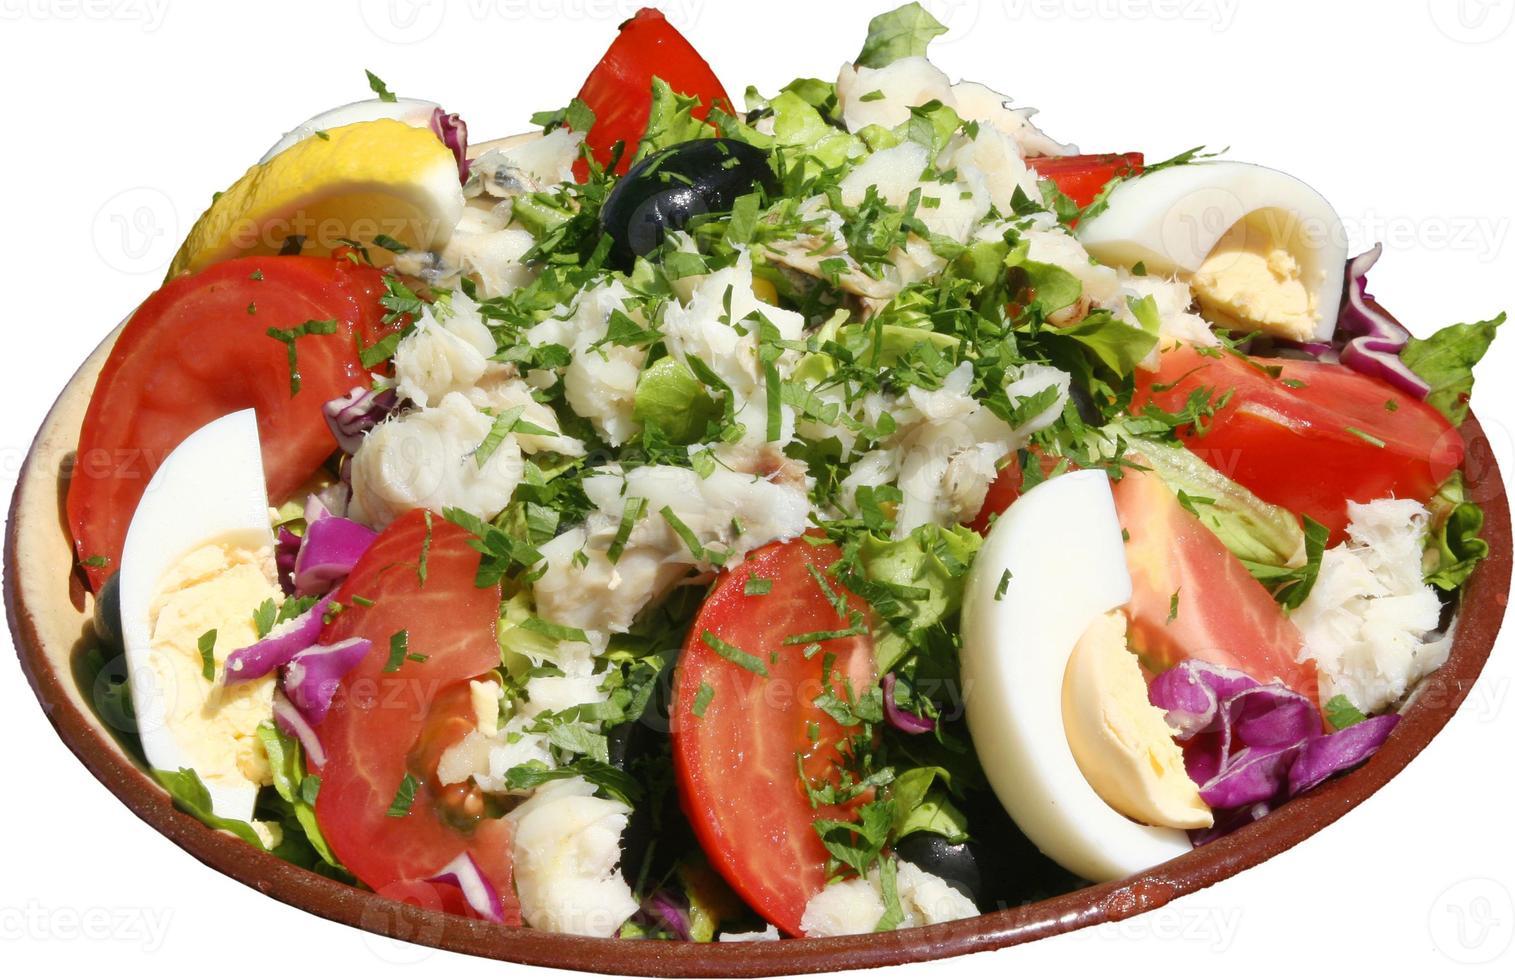 färsk kryddad sallad med grönsaker, ägg, tomater och örter. foto